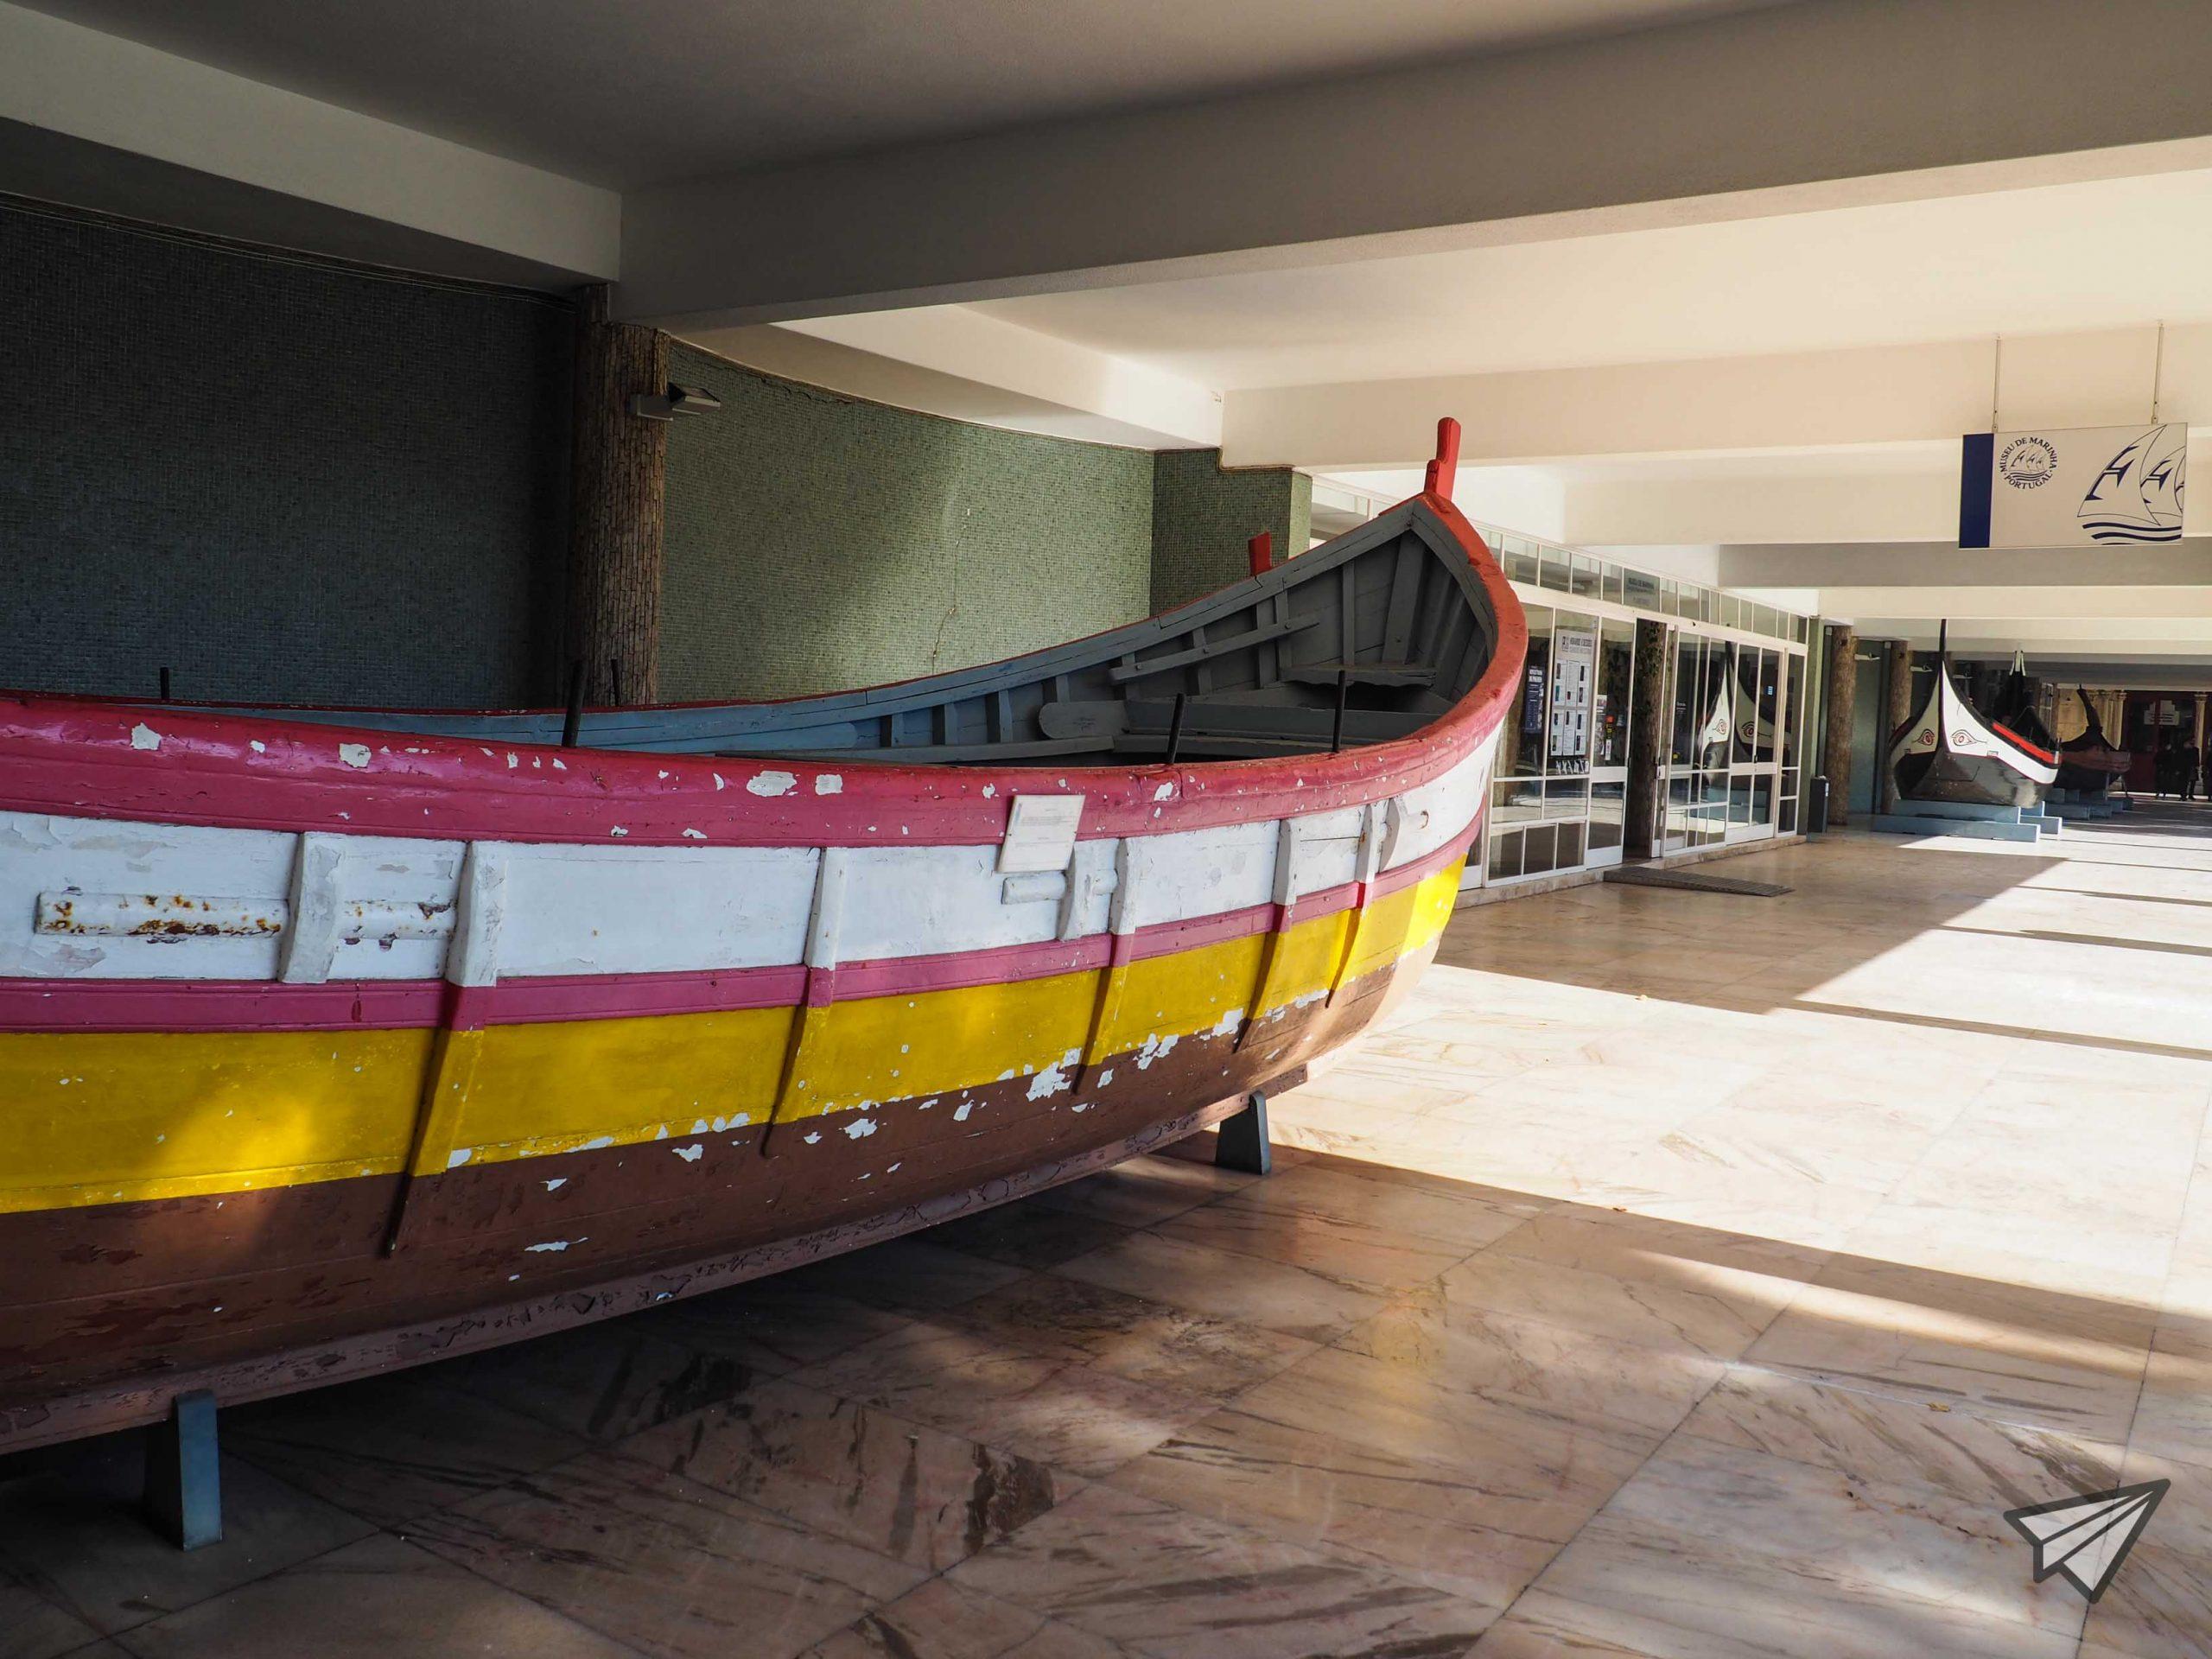 Museu de Marinha ships